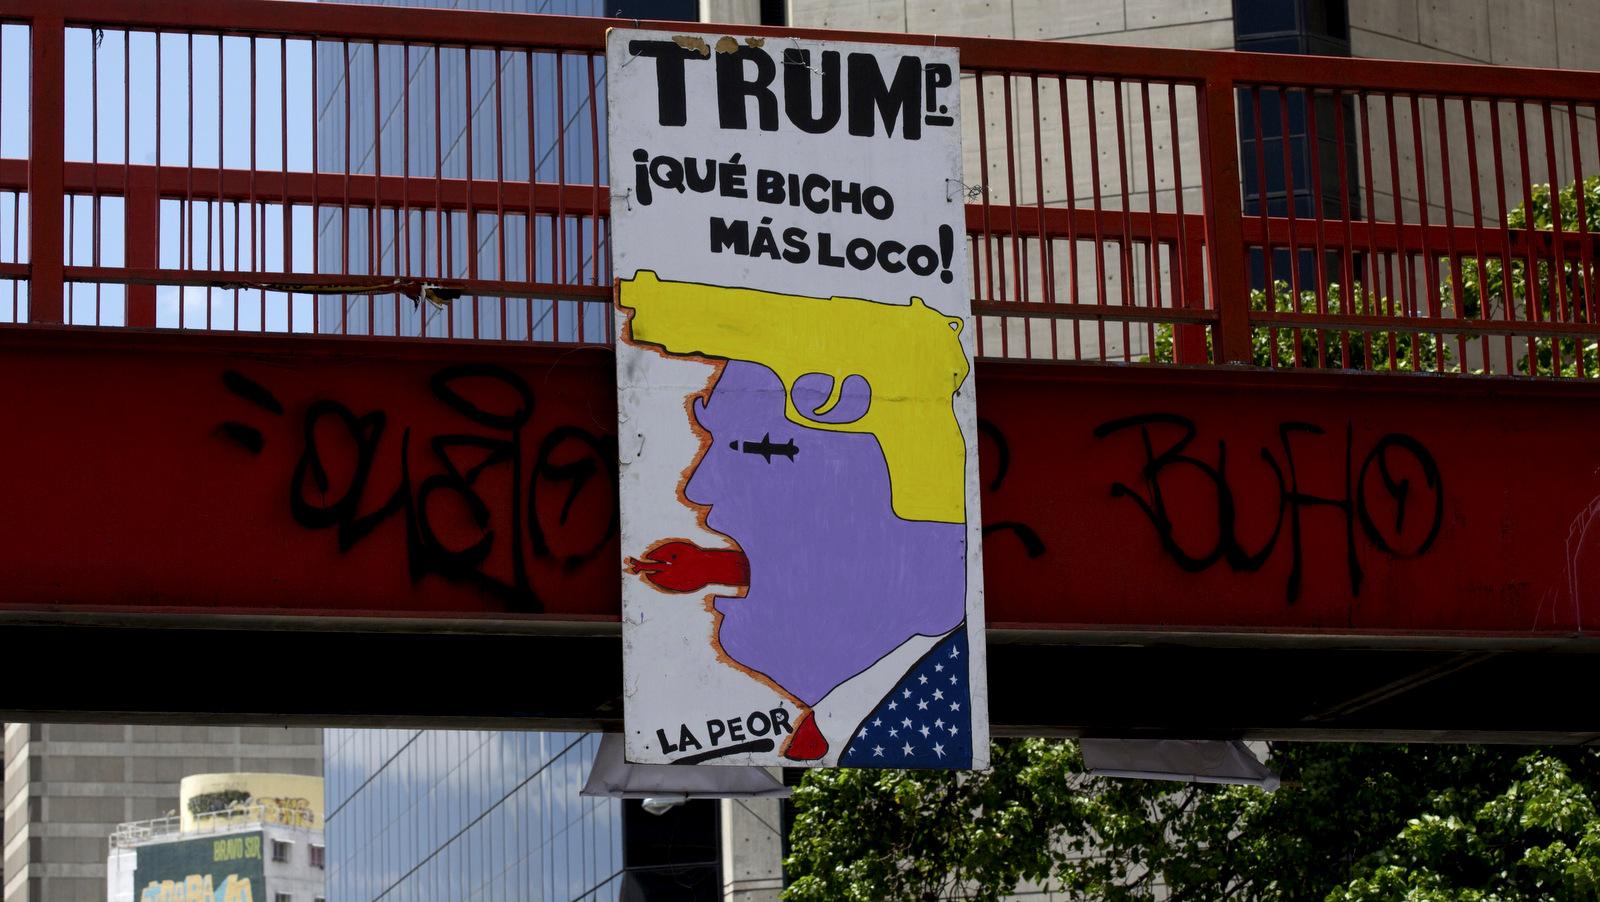 Знак с изображением, представляющим президента США Дональда Трампа, и текст, который читается на испанском языке «Трамп, какой сумасшедший тварь!» висит от моста в Каракасе, Венесуэла, 8 марта 2018 года. Фернандо Льяно | AP